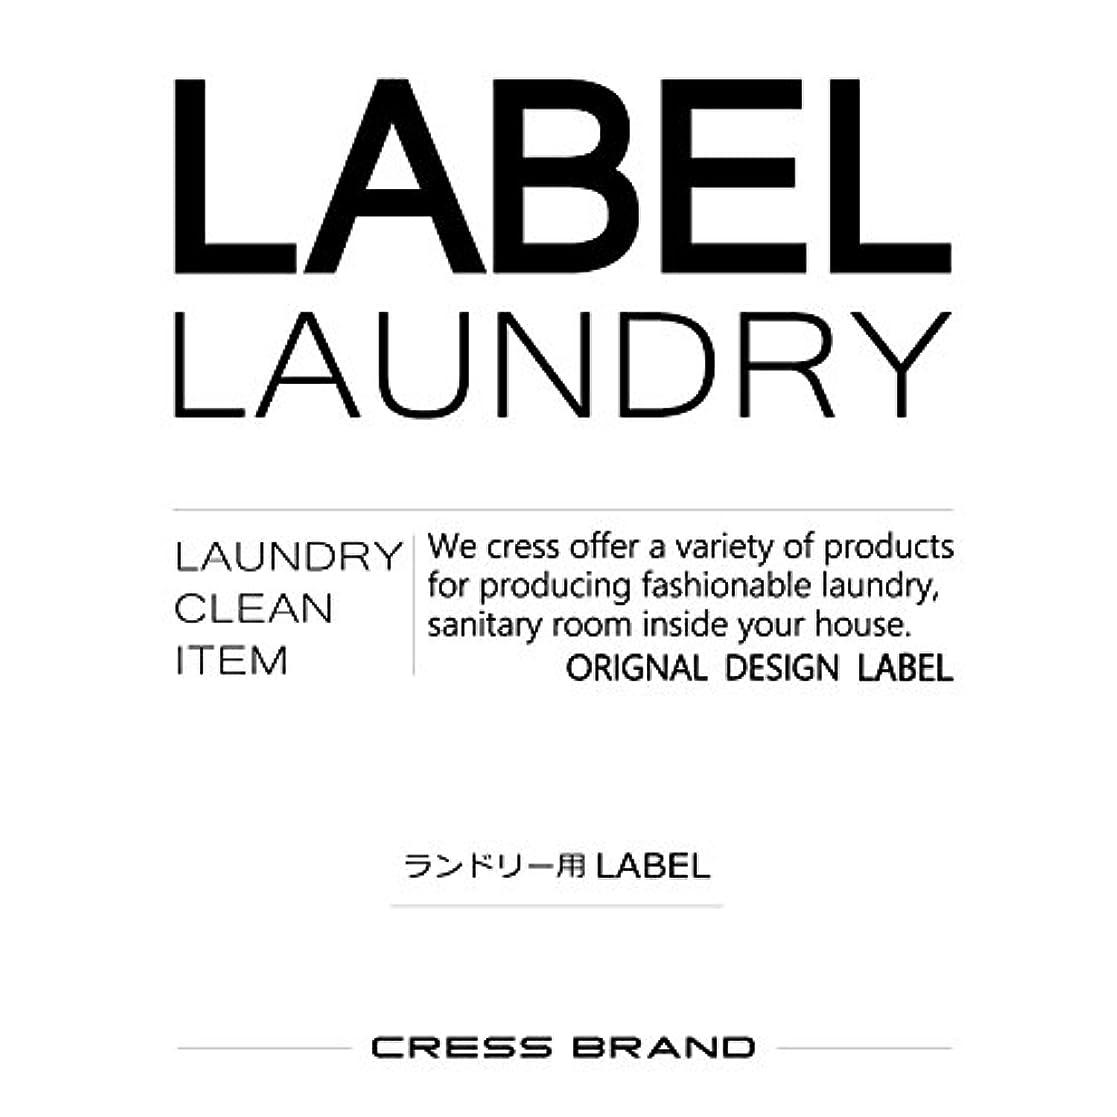 交じる兵器庫アパートStylish-Laundry-label『スタイリッシュ調?ランドリーラベル』ラベルのみ